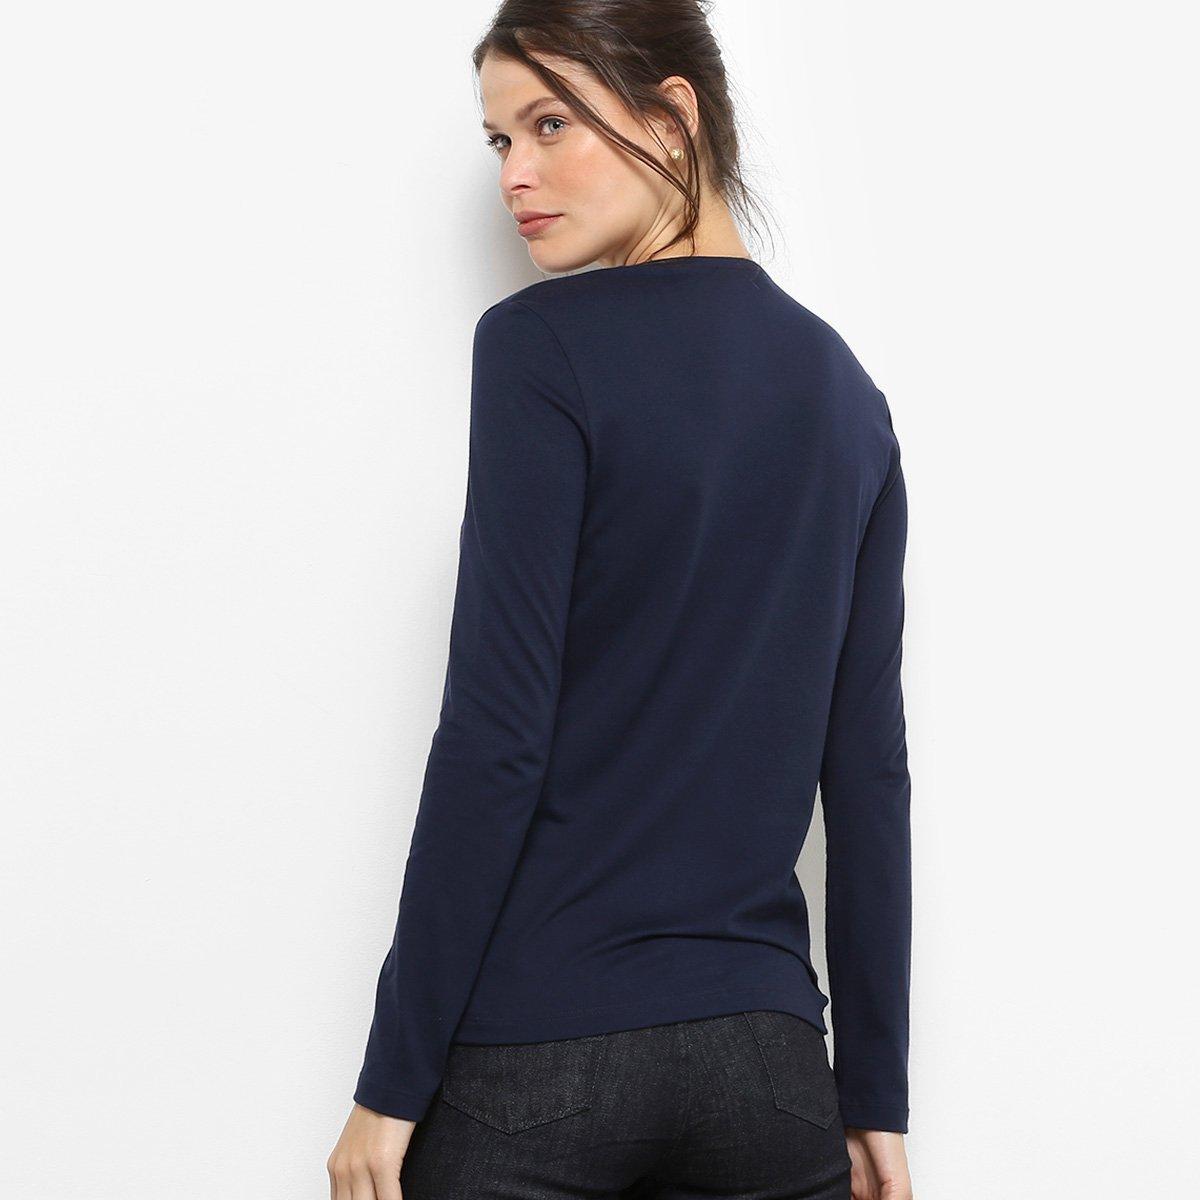 Camiseta Lacoste Manga Longa Decote V Feminina - Compre Agora  2c71a7f598a1d